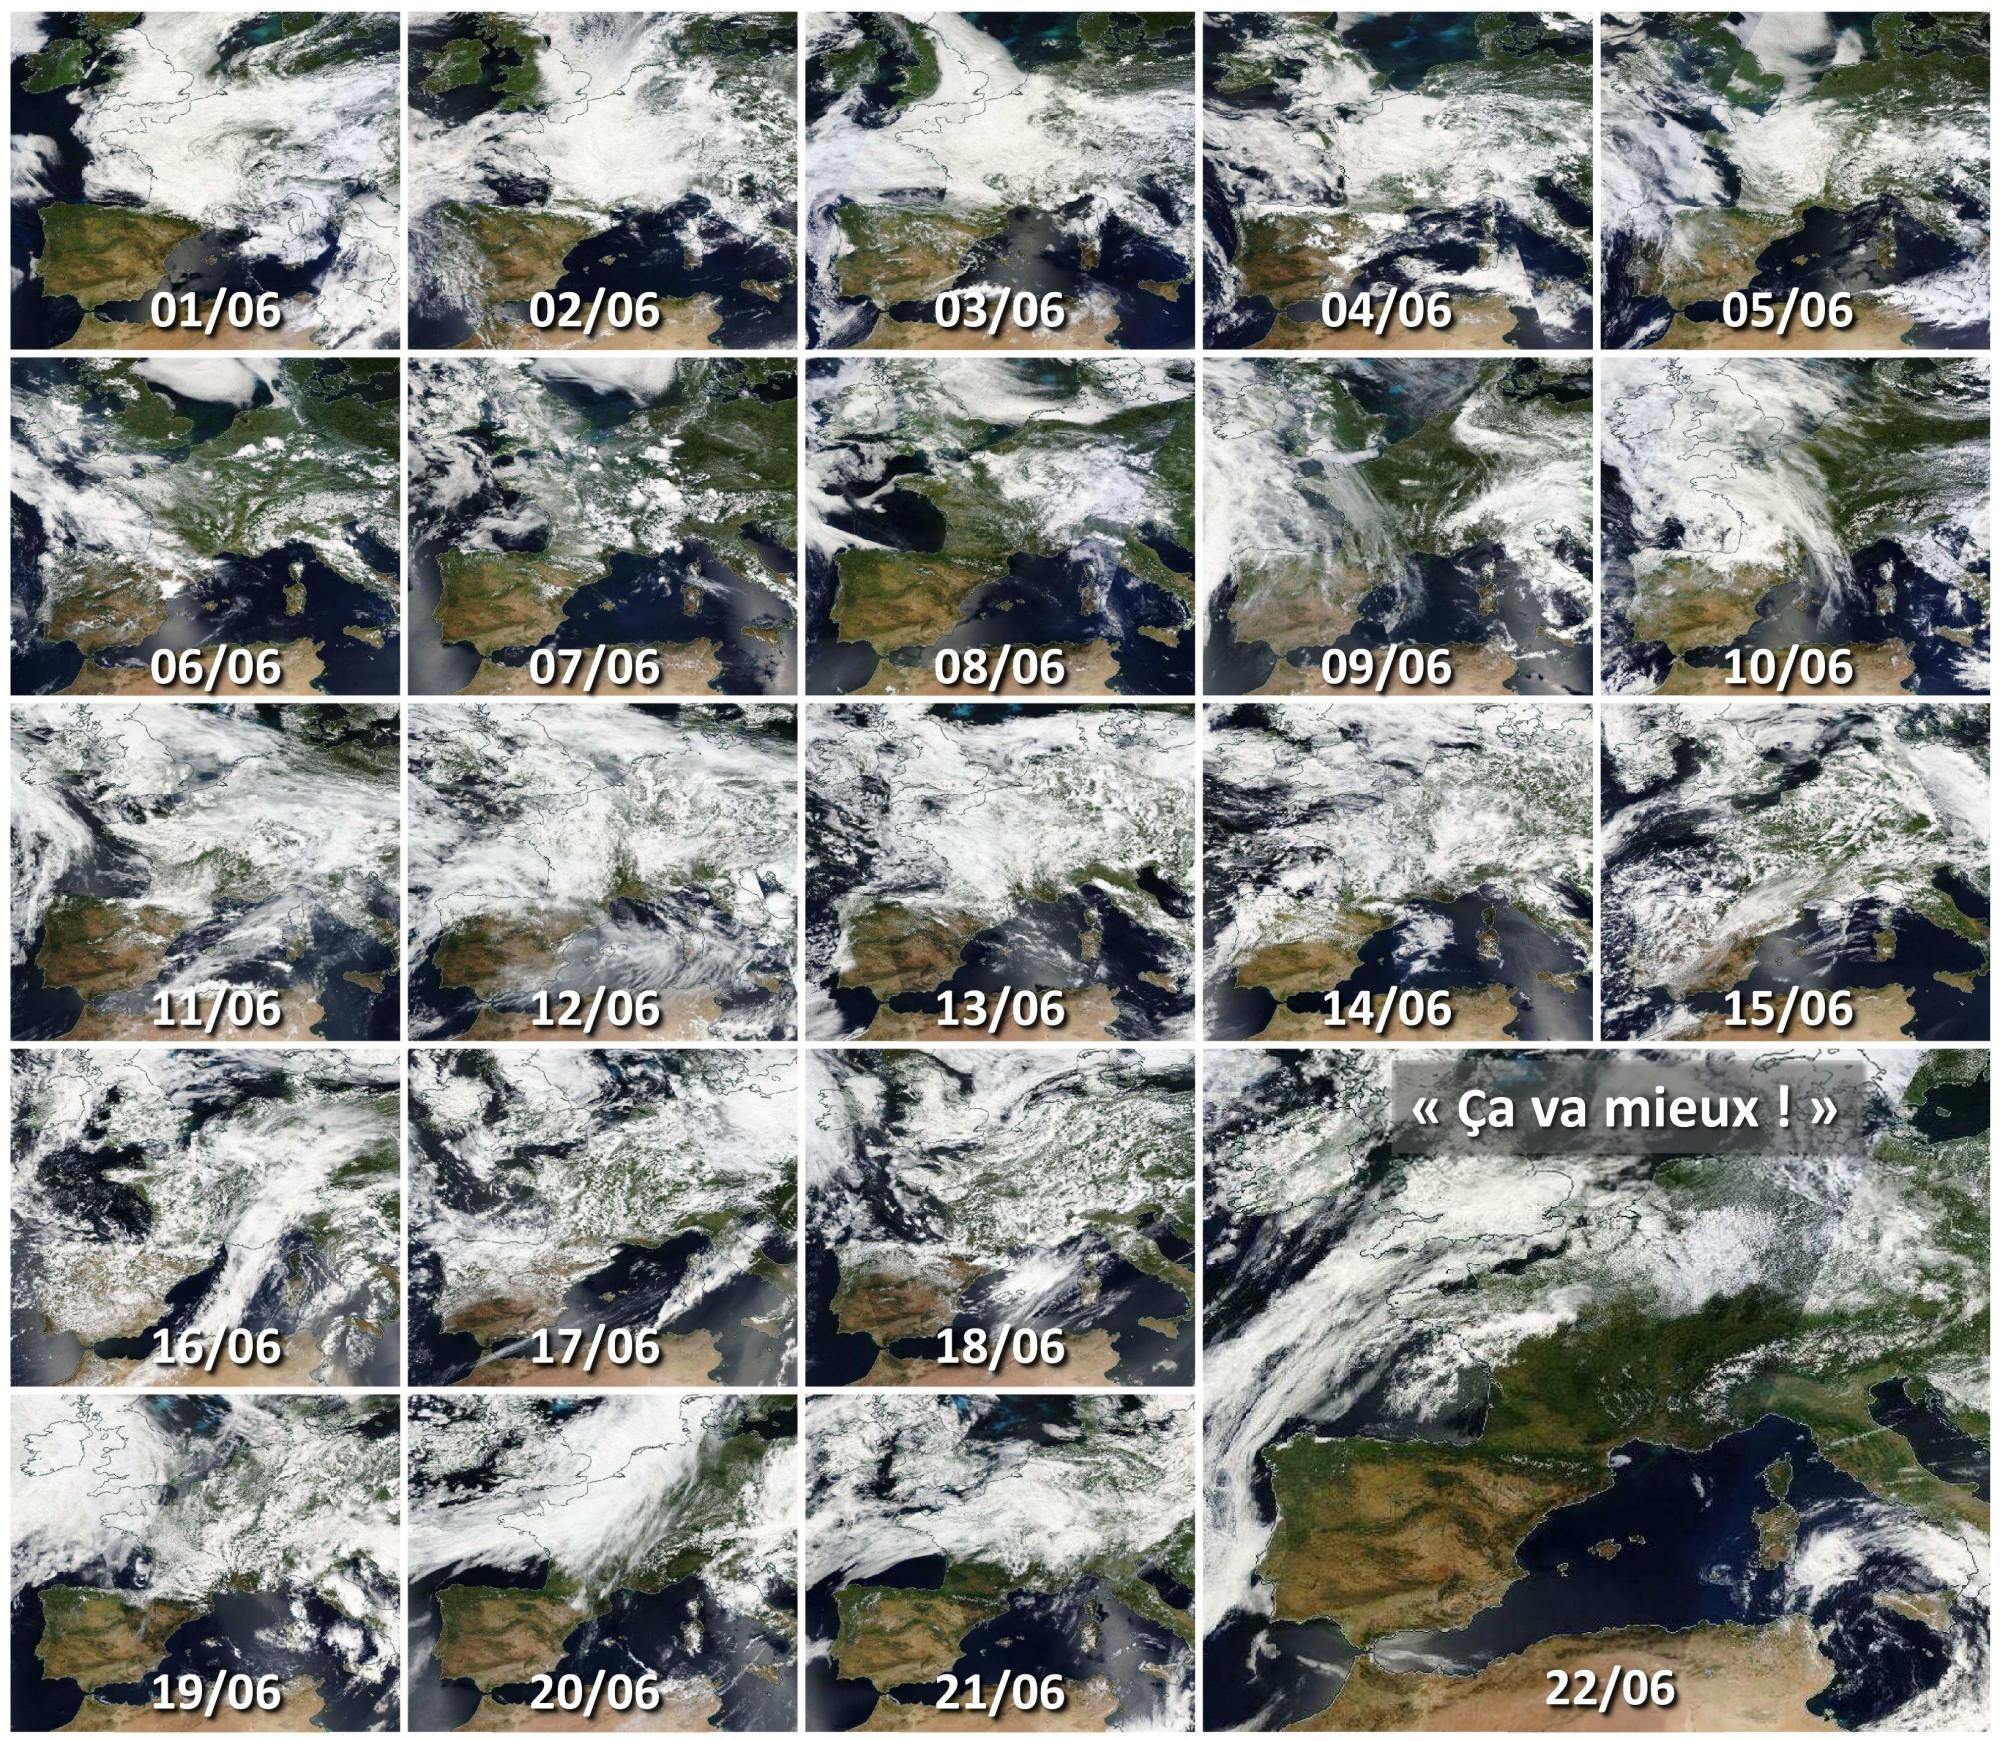 Juin 2016 - France - Couverture nuageuse - Pluies - Inondation - temps maussade - Bilan du mois de juin - Aqua - Terra - Suomi NPP - été pourri - Où est le soleil - ça va mieux